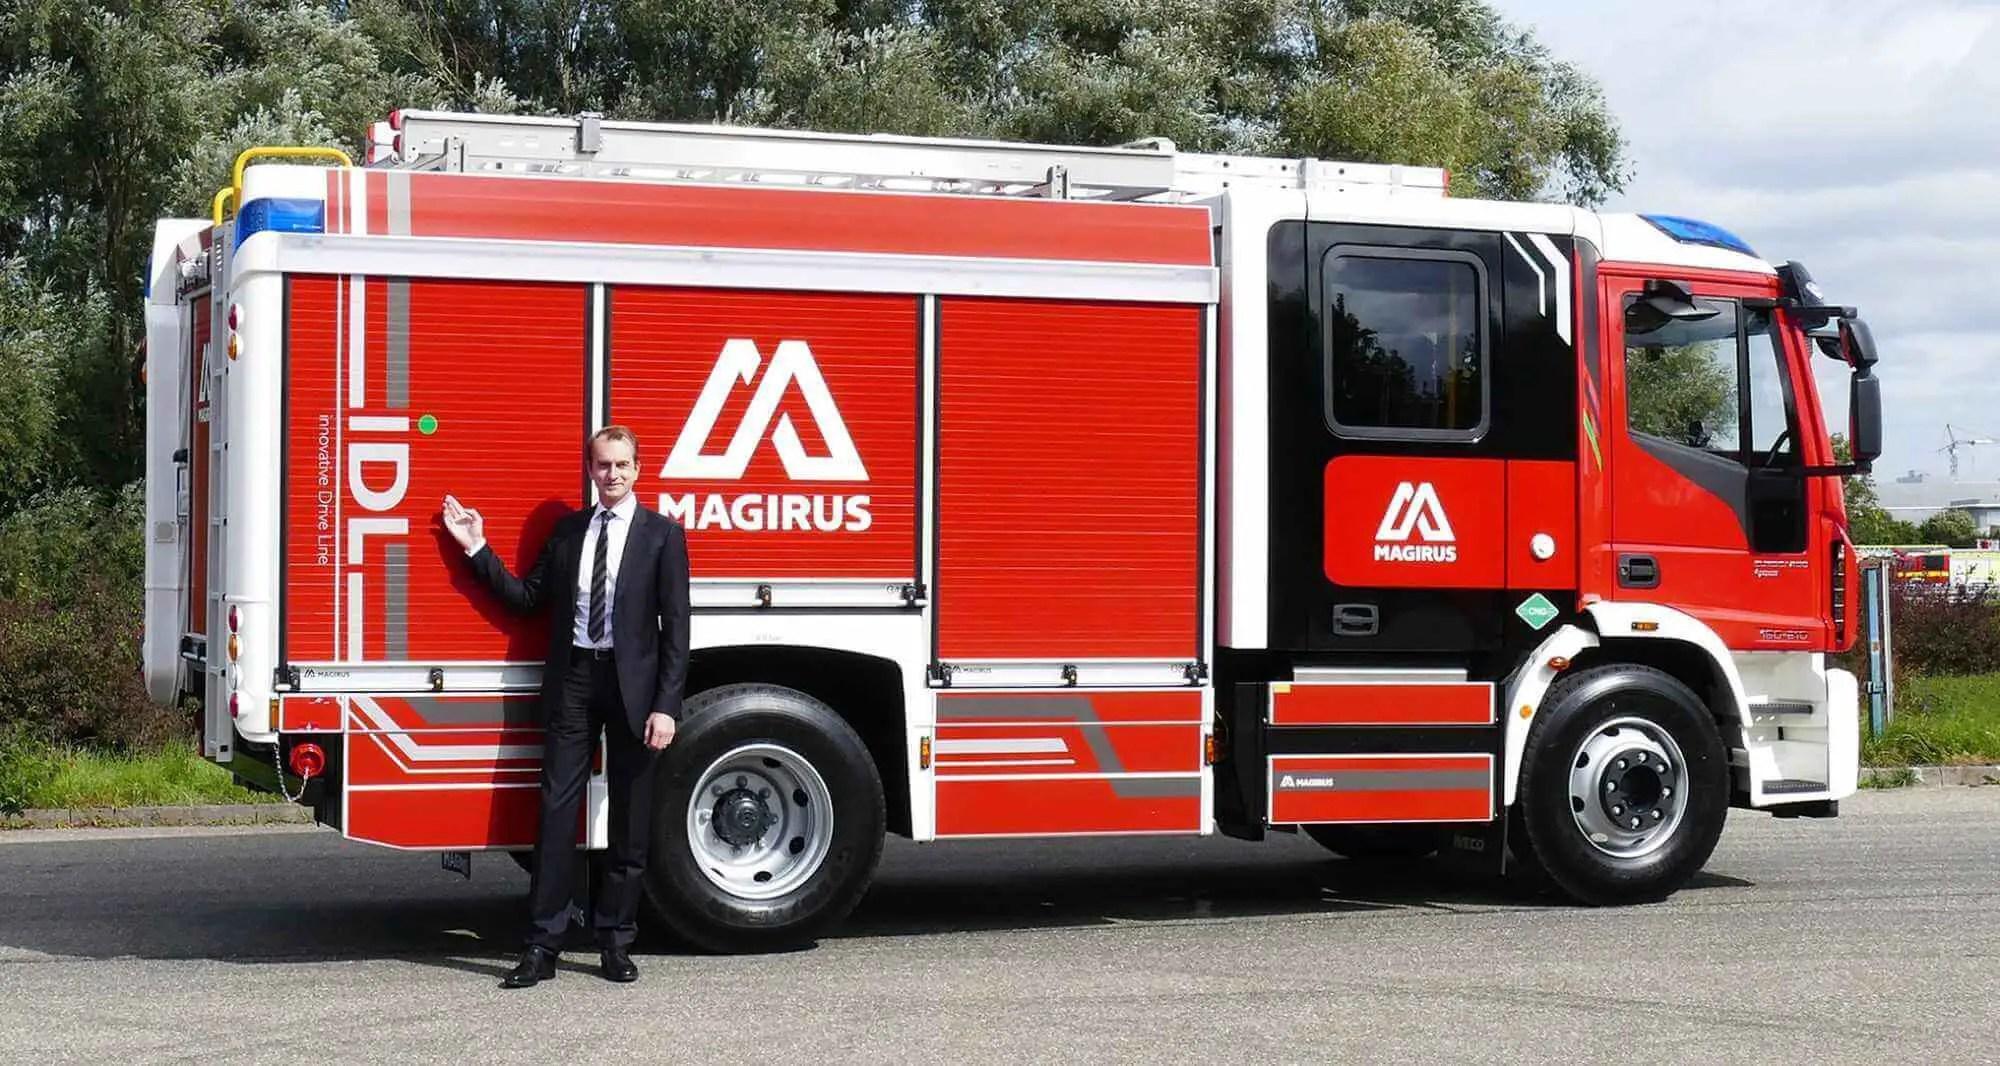 Innovative Drive Line: Magirus stellt elektro- und gasbetriebene Löschfahrzeuge vor